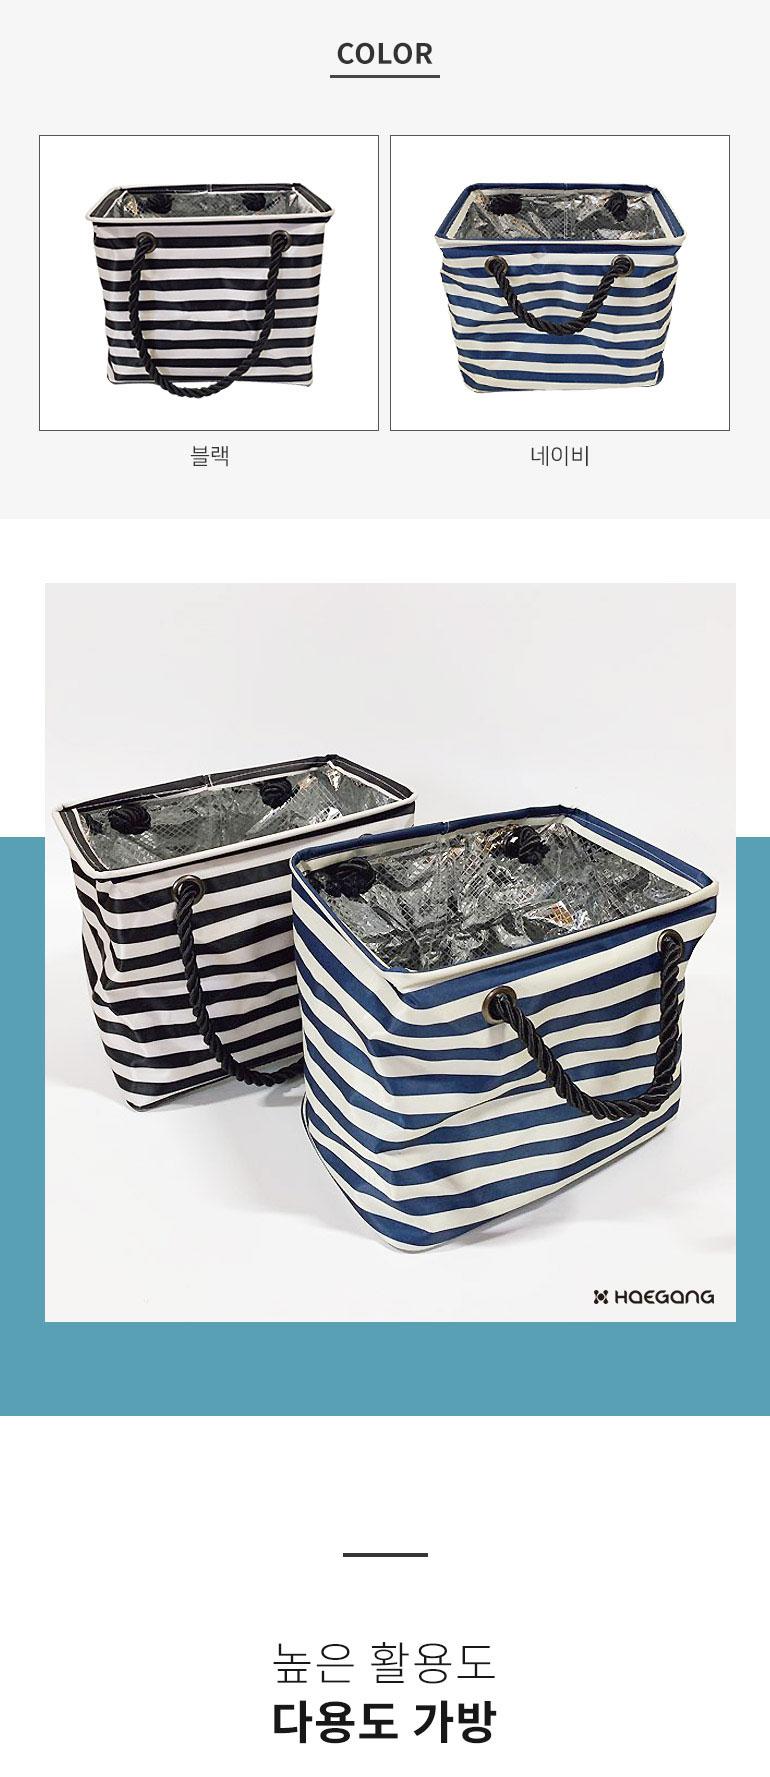 물빠짐 스트라이프 목욕 가방 - 세일덕, 6,800원, 방수용품, 방수가방